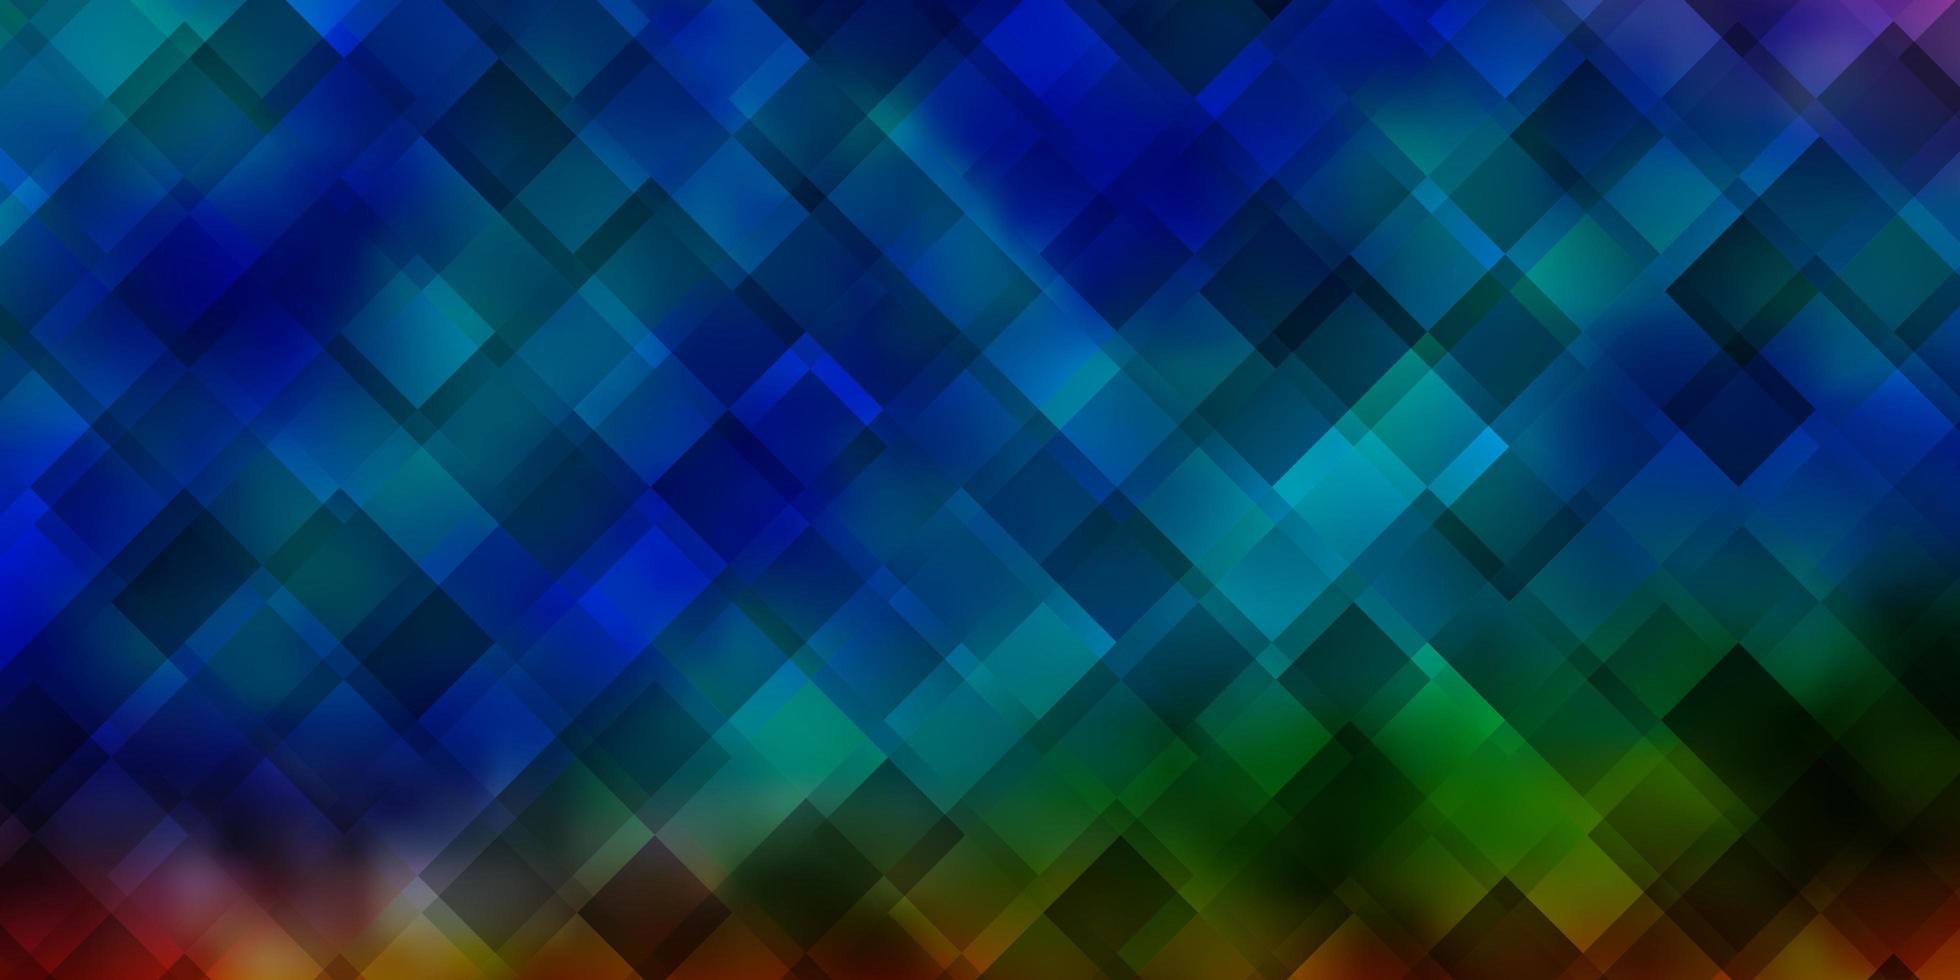 mörk flerfärgad vektorstruktur i rektangulär stil. vektor